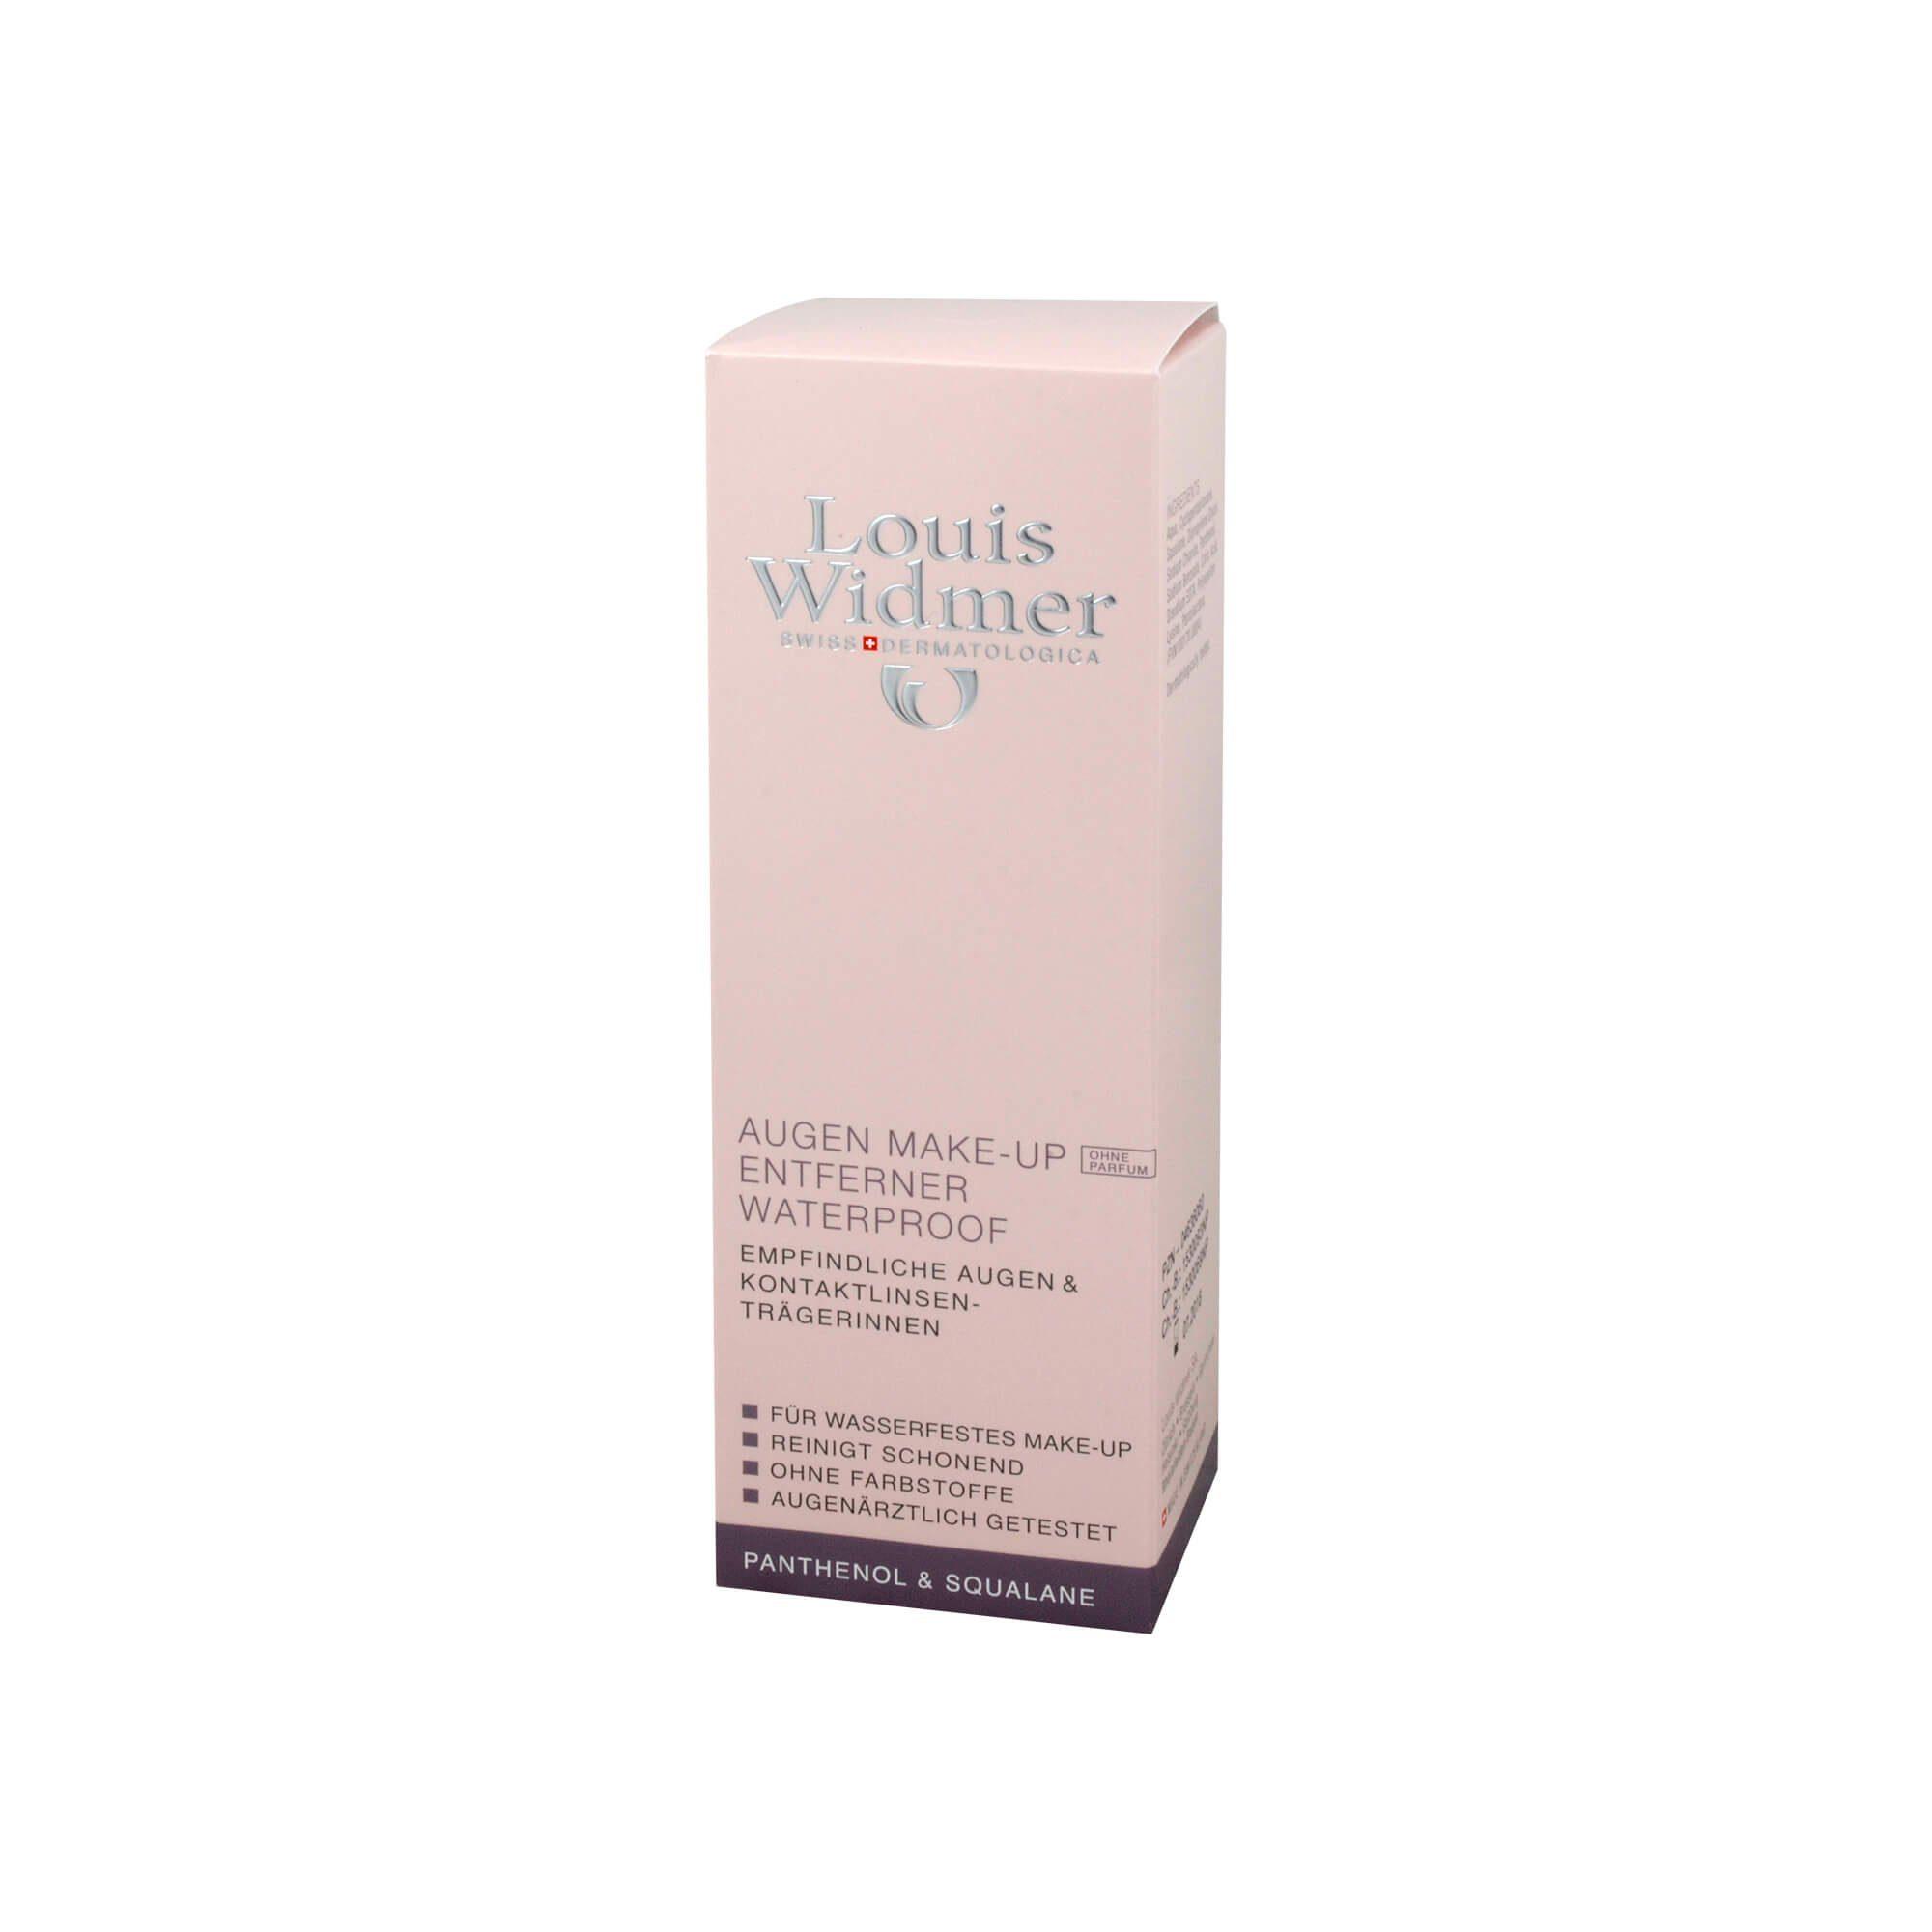 Widmer Widmer Augen Make-up Entferner waterproof , 100 ml